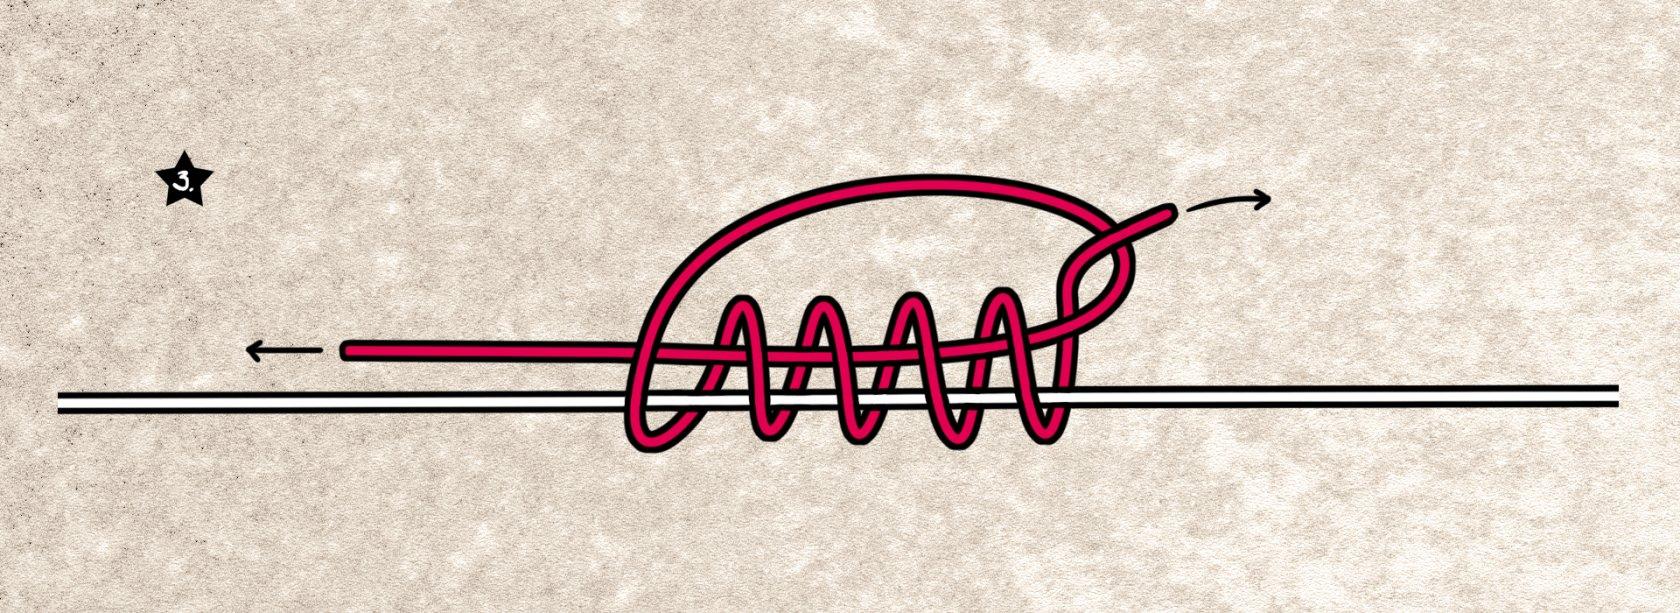 wie bindet man einen stopperknoten